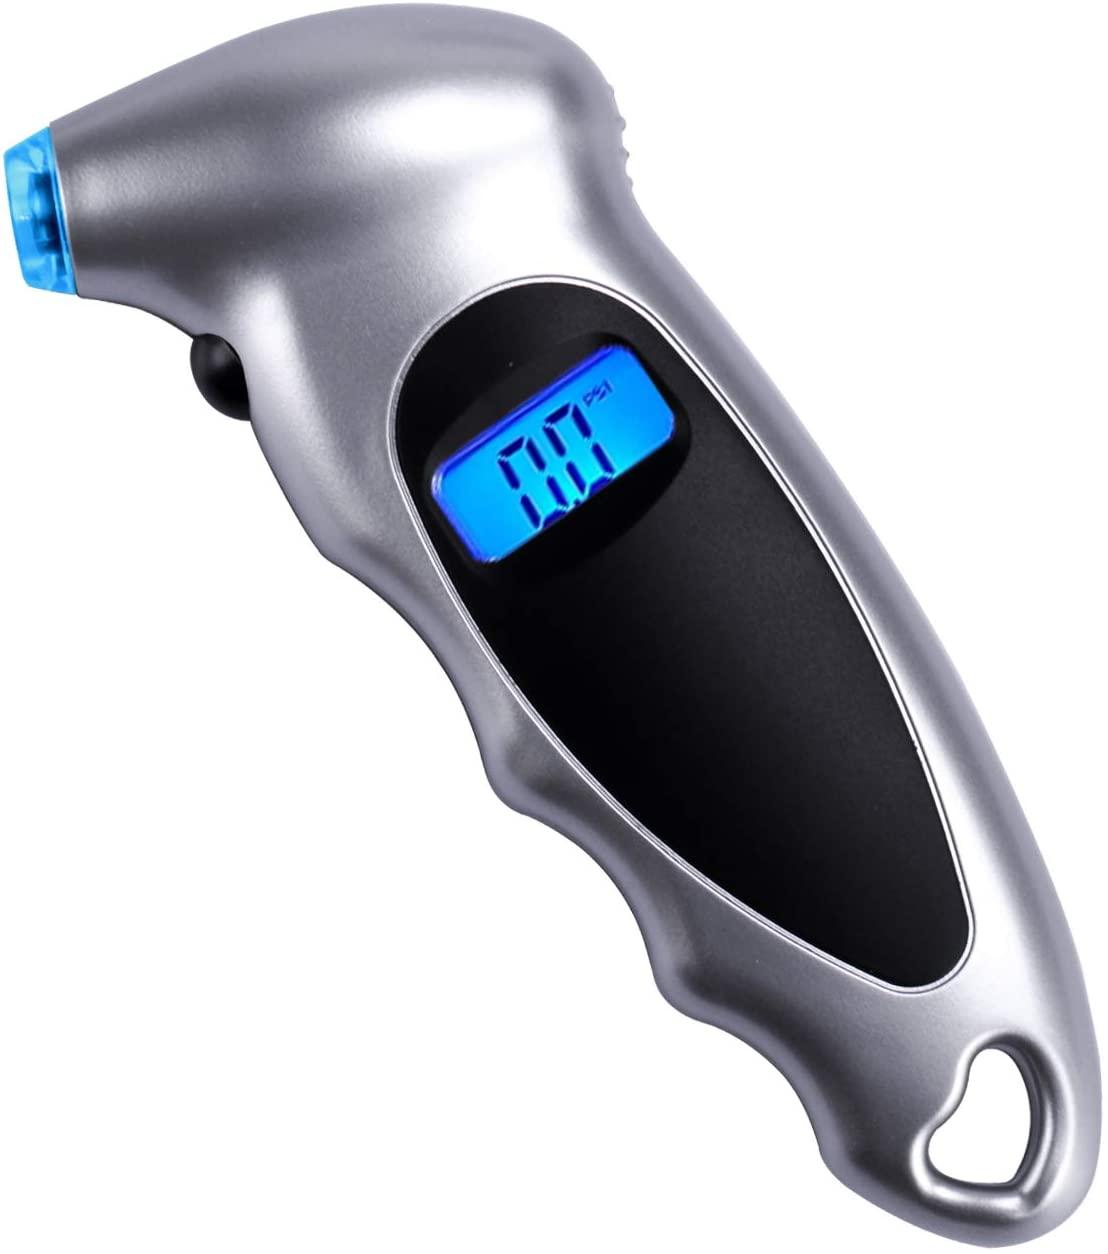 Digital Tire Pressure Gauge Backlit Lcd Handheld Multifunctional Tire Pressure Gauge For Cars Trucks Bicycles silver